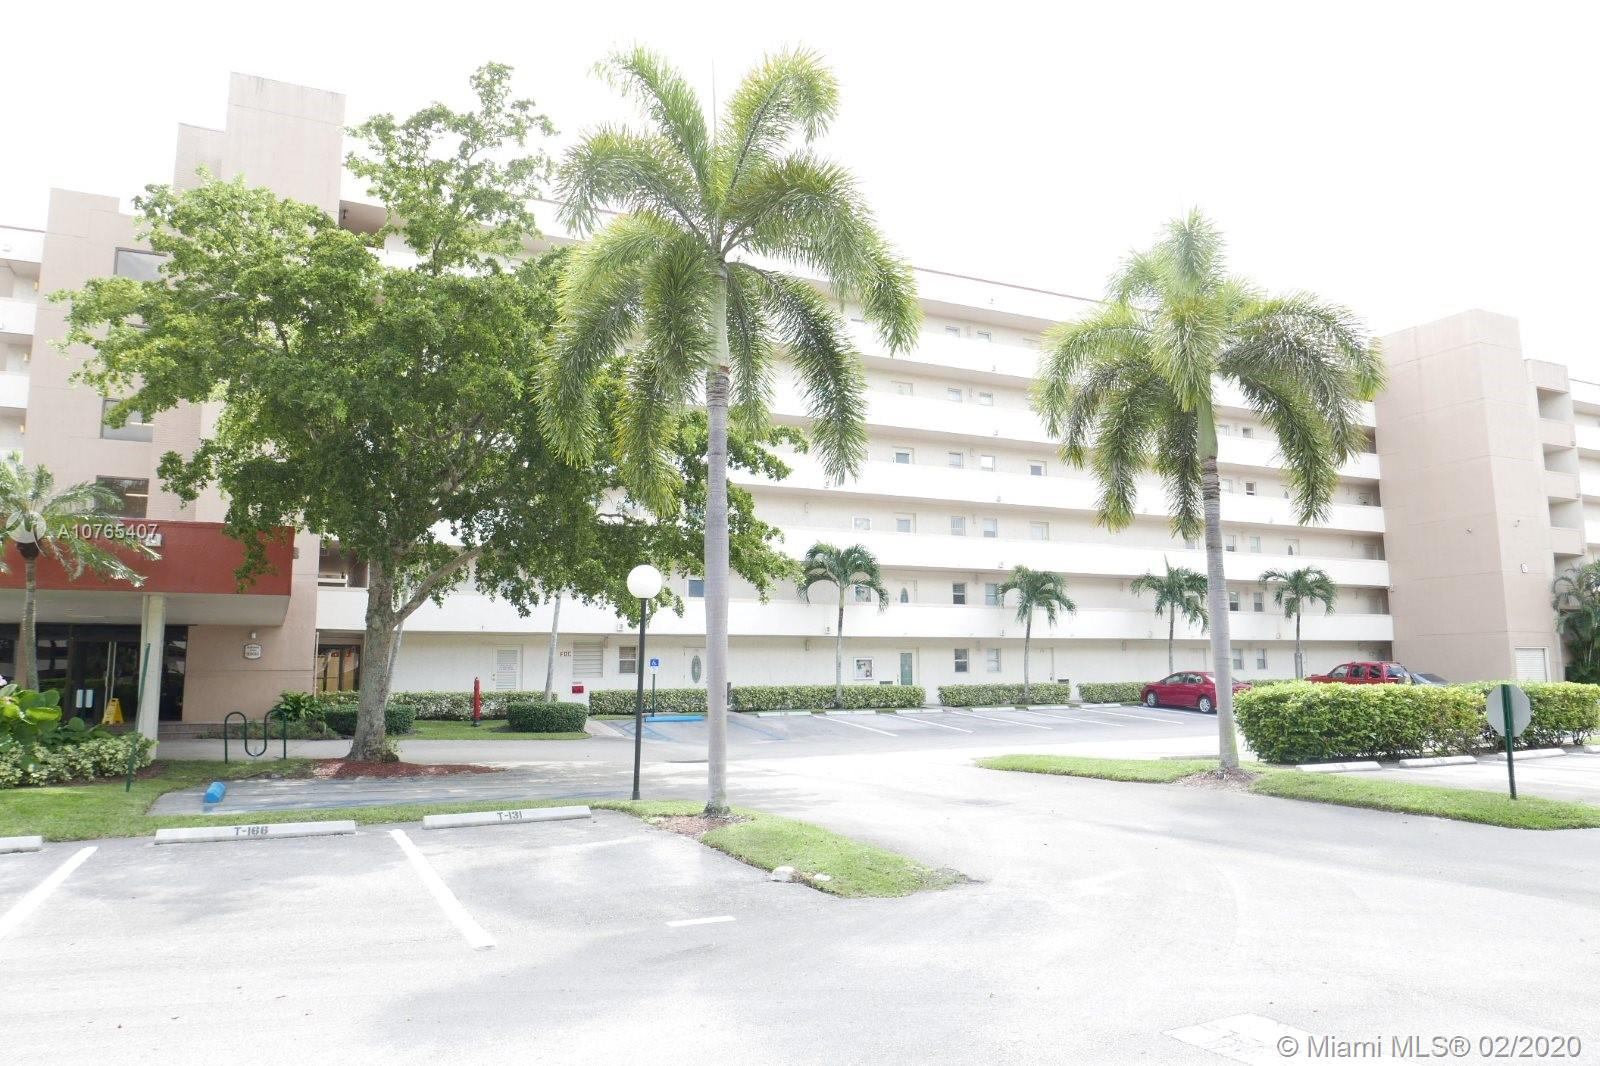 8900 Washington Blvd 105, Pembroke Pines, FL 33025